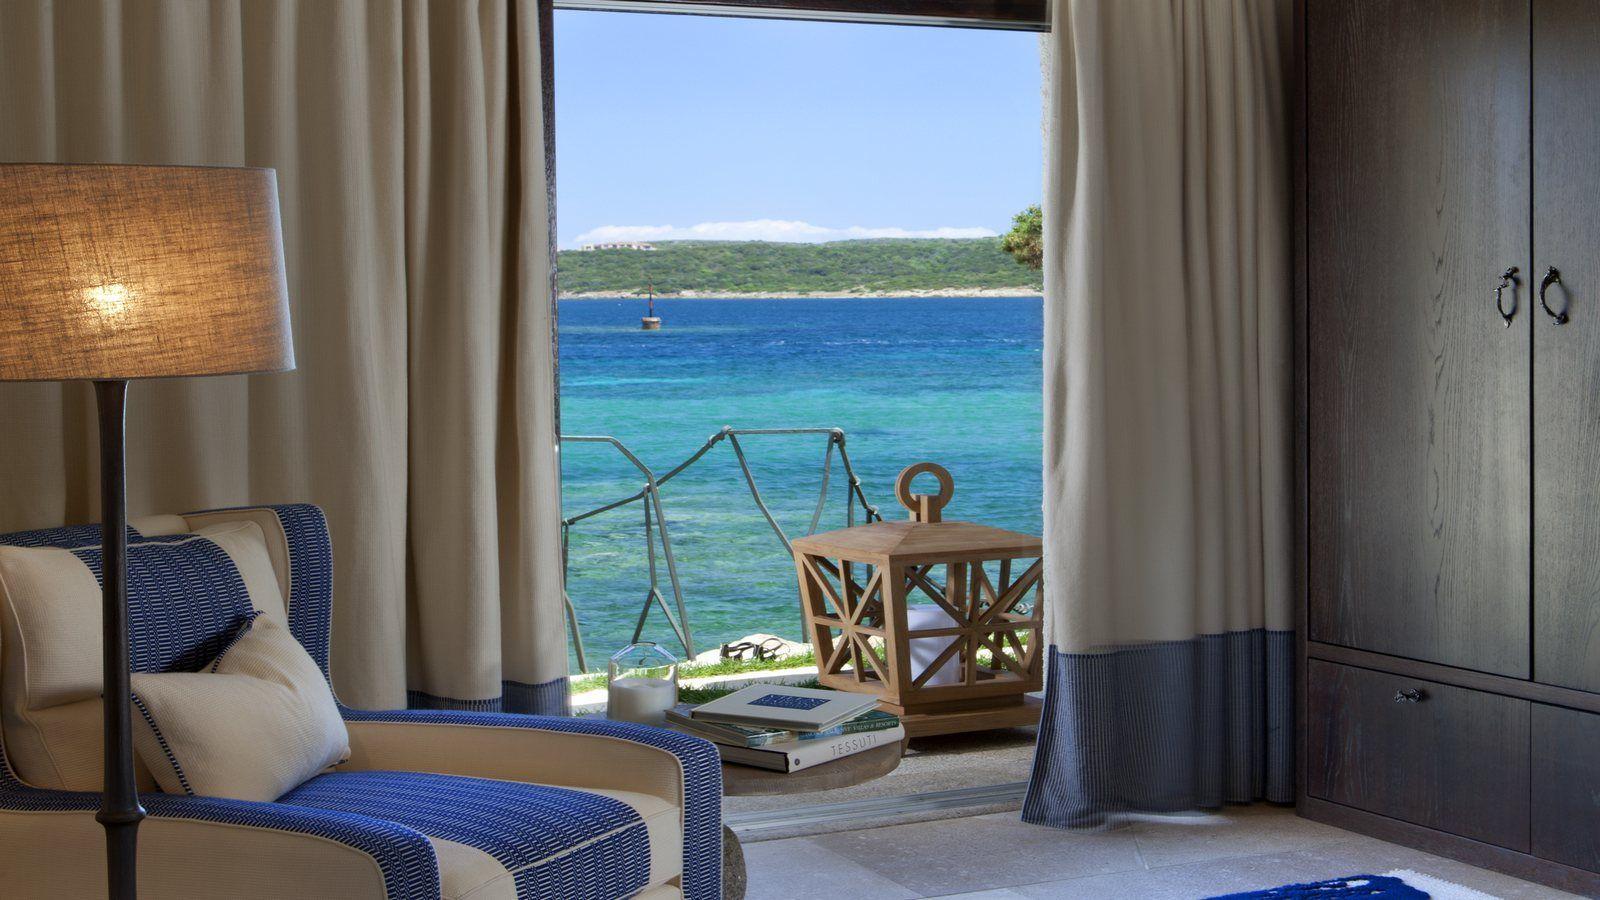 Photos & Videos | Hotel Pitrizza | Costa Smeralda ...